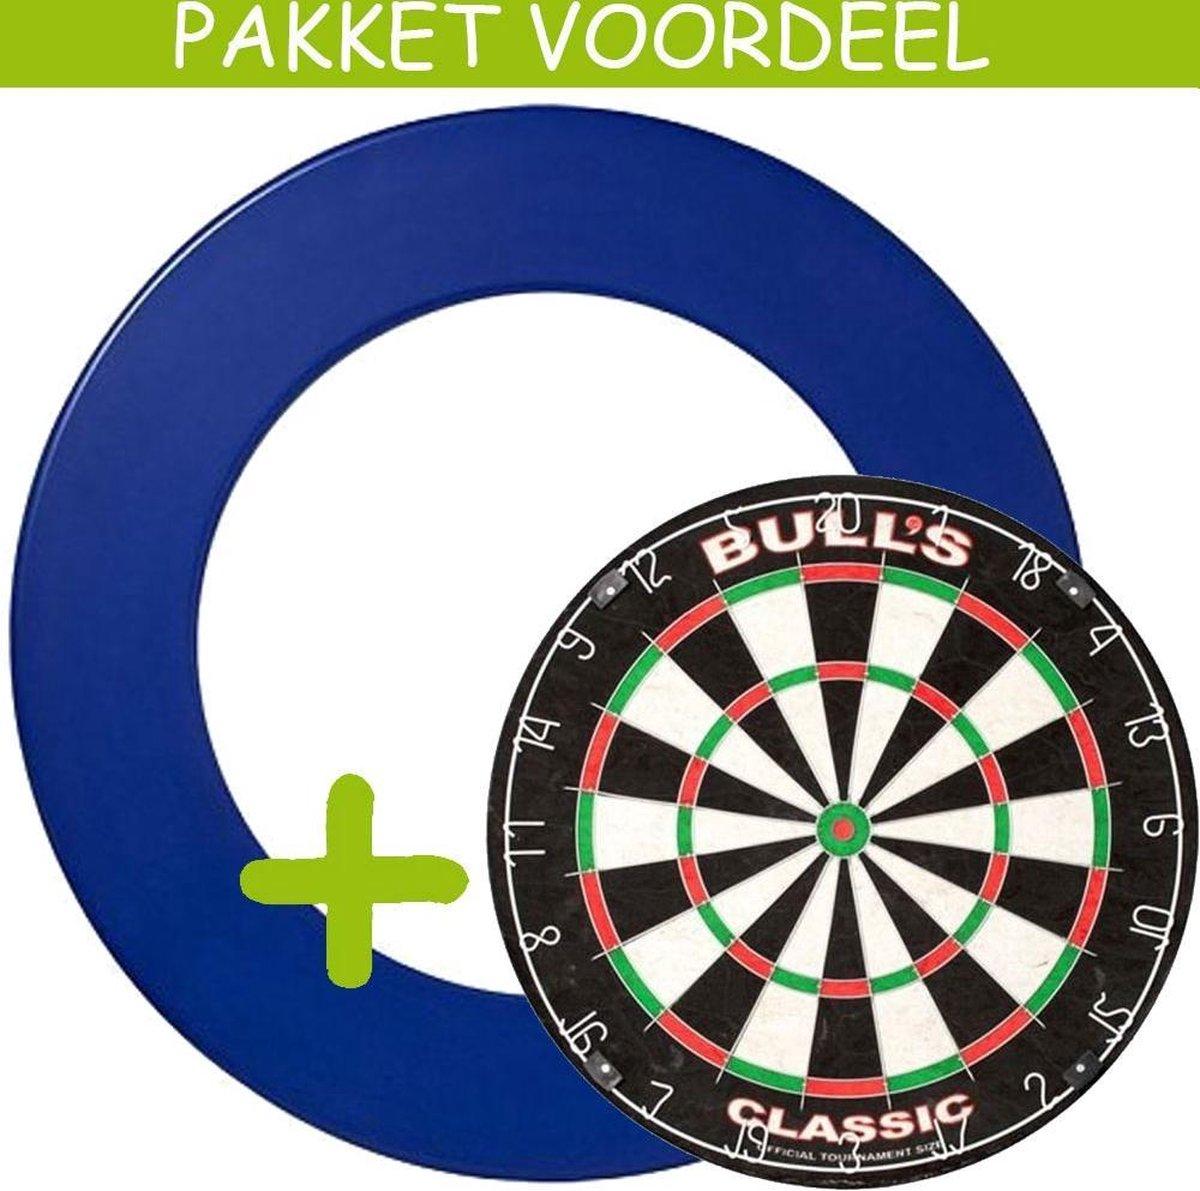 Dartbord Surround VoordeelPakket - Bulls Classic - Rubberen Surround-- (Blauw)